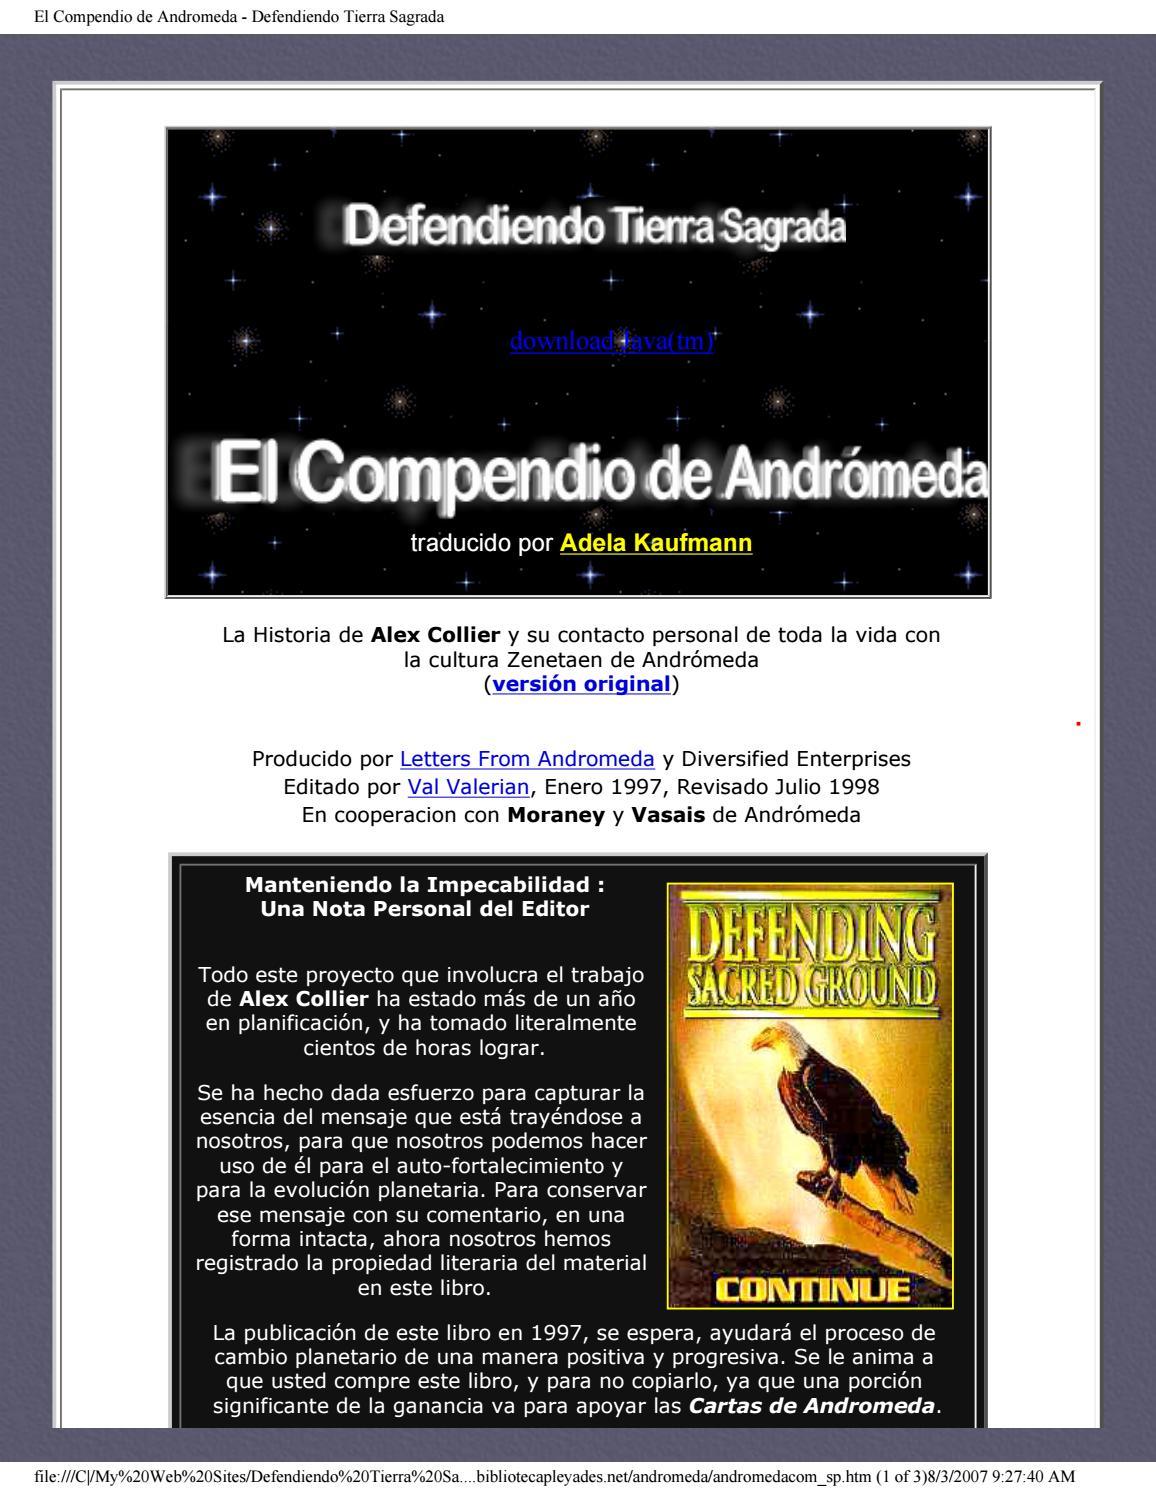 El Compendio De Andromeda By Vancy108 Issuu